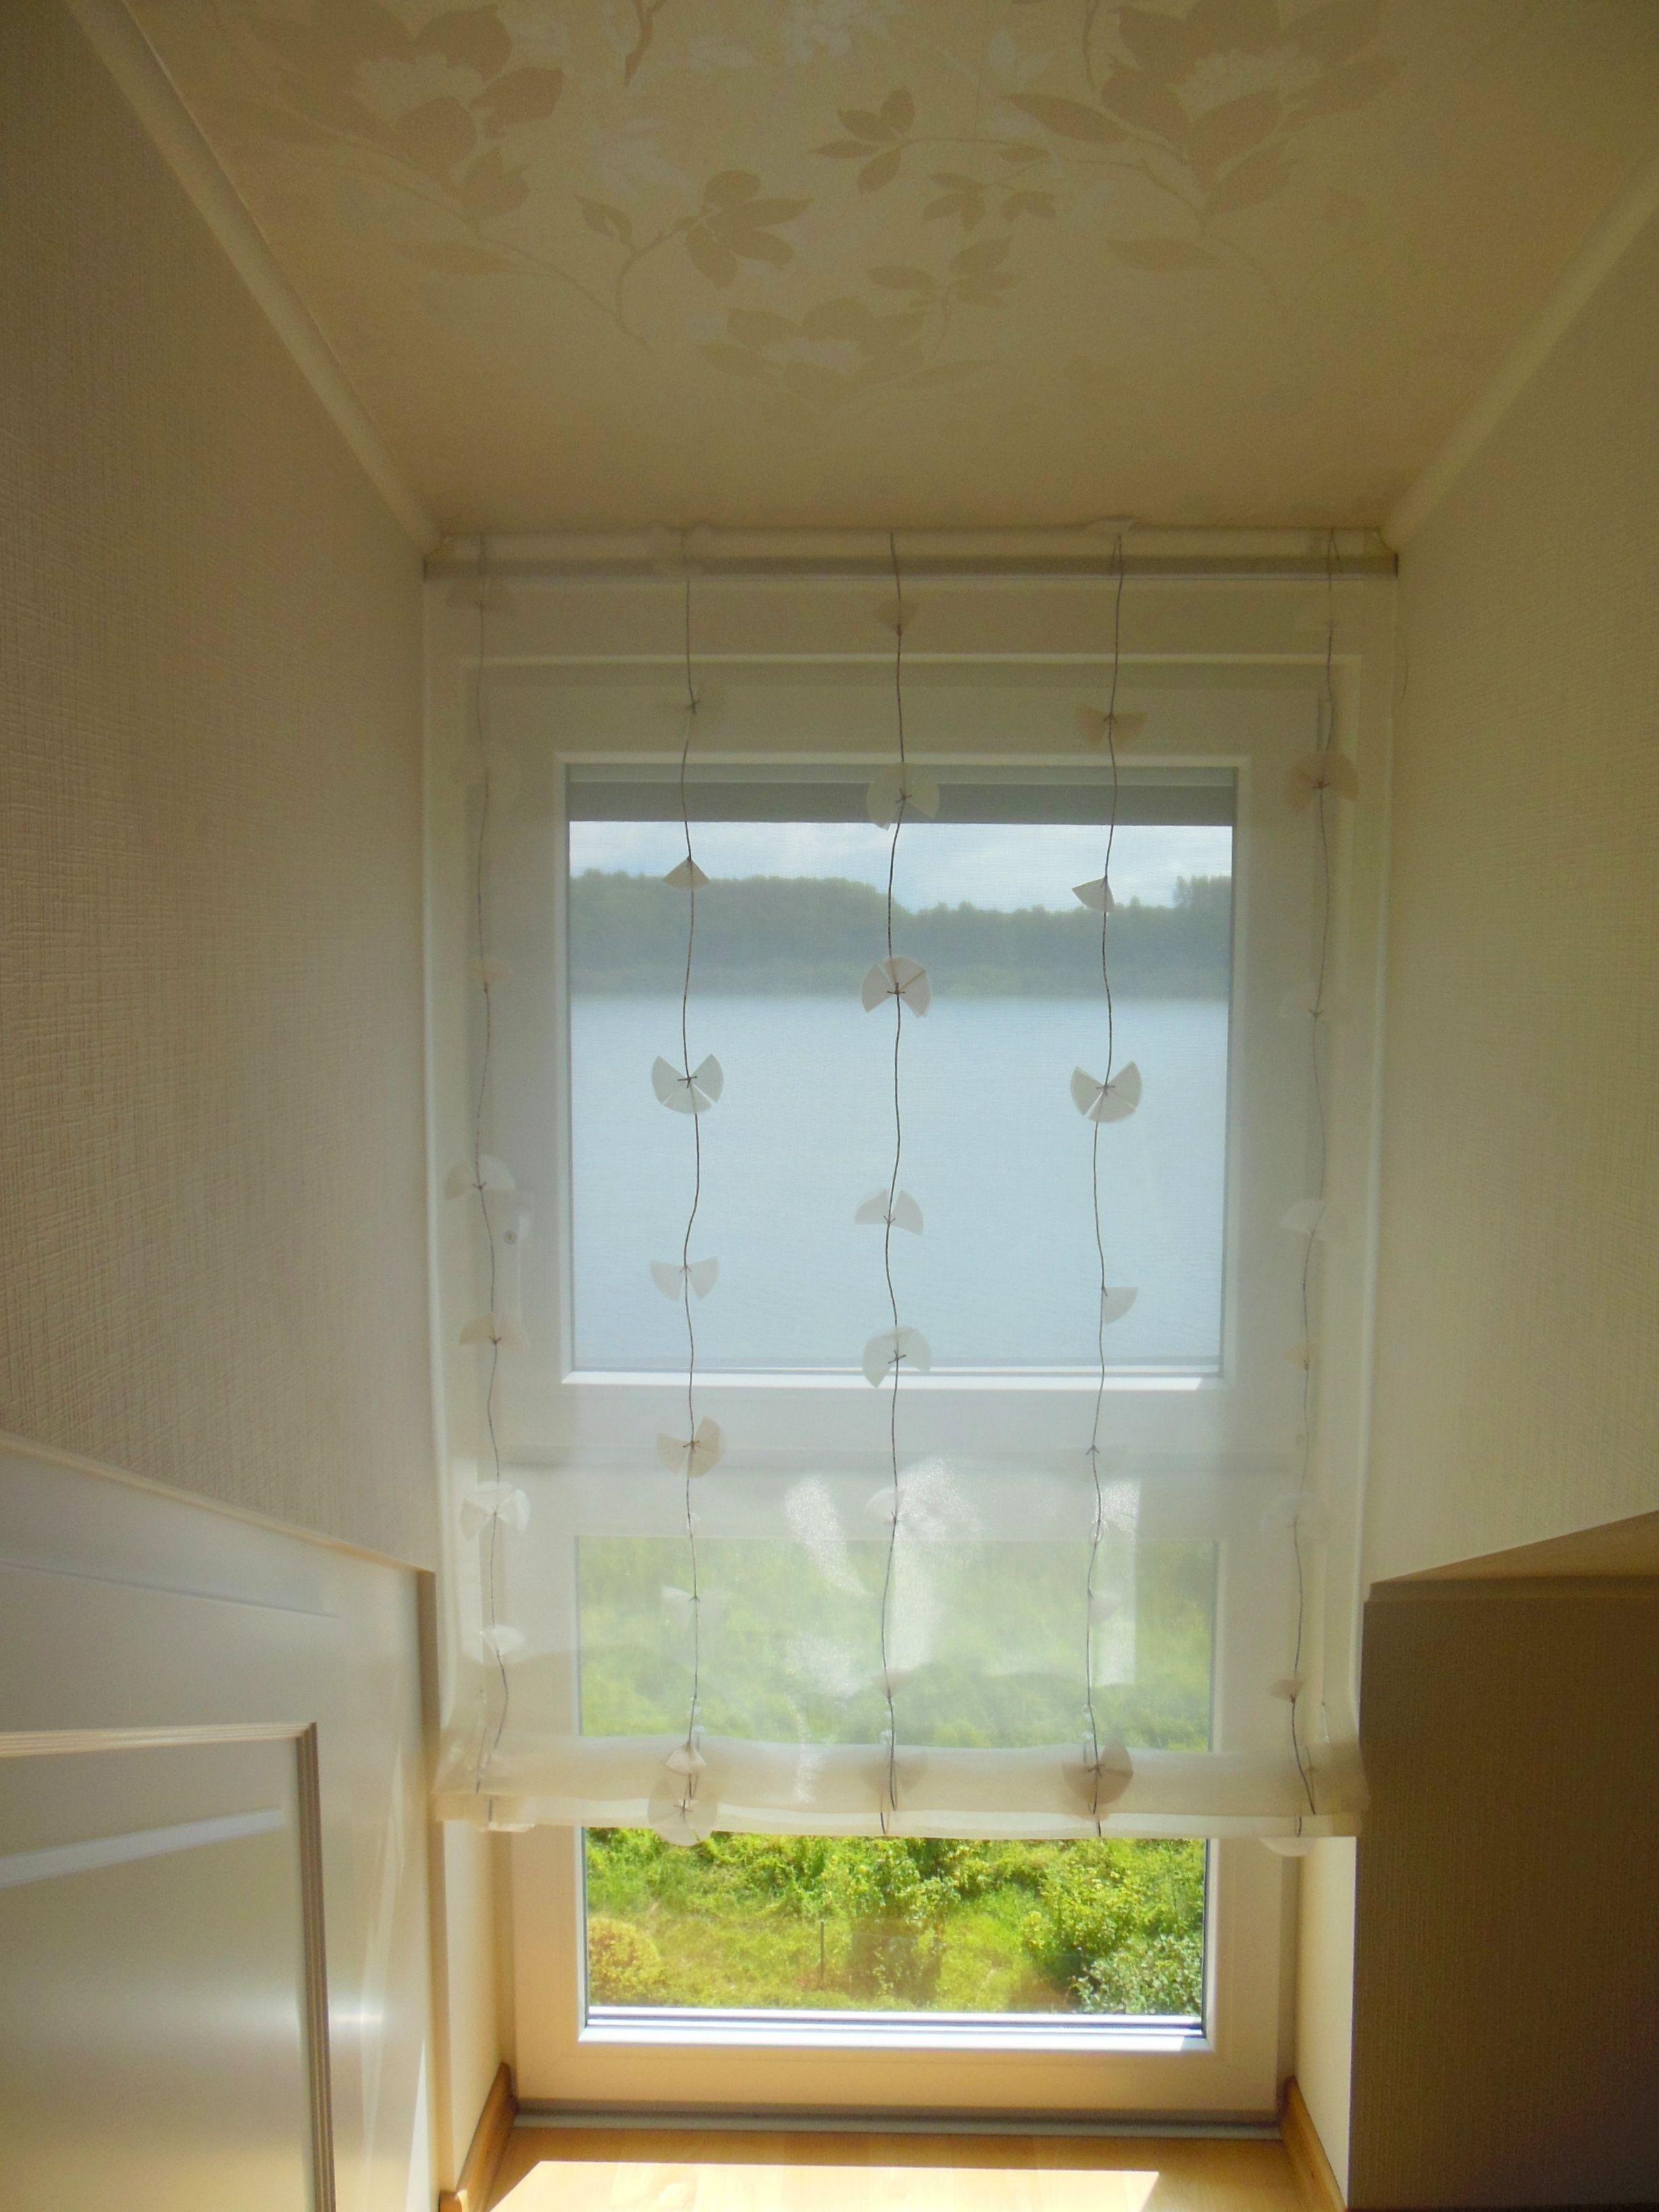 luftig leichtes raffrollo als transparente dekoration im flur treppenaufgang stoff von. Black Bedroom Furniture Sets. Home Design Ideas